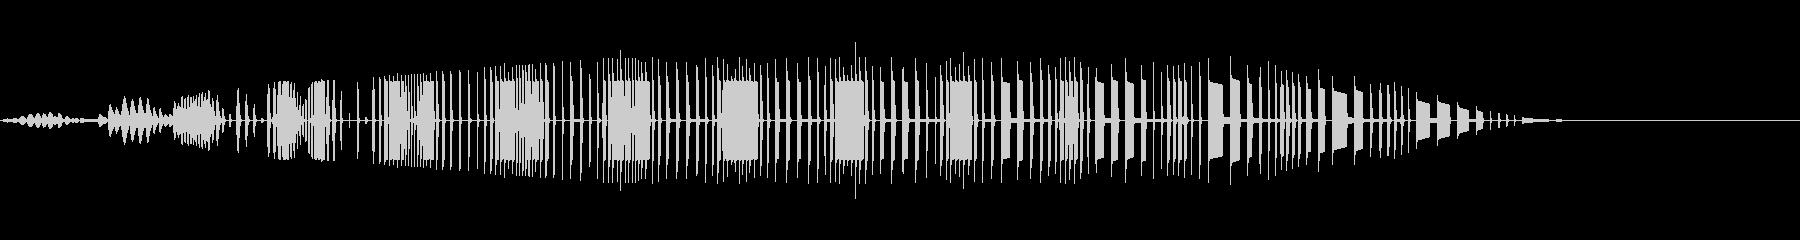 ビュイー(ワープ/SF/異次元/魔法の未再生の波形